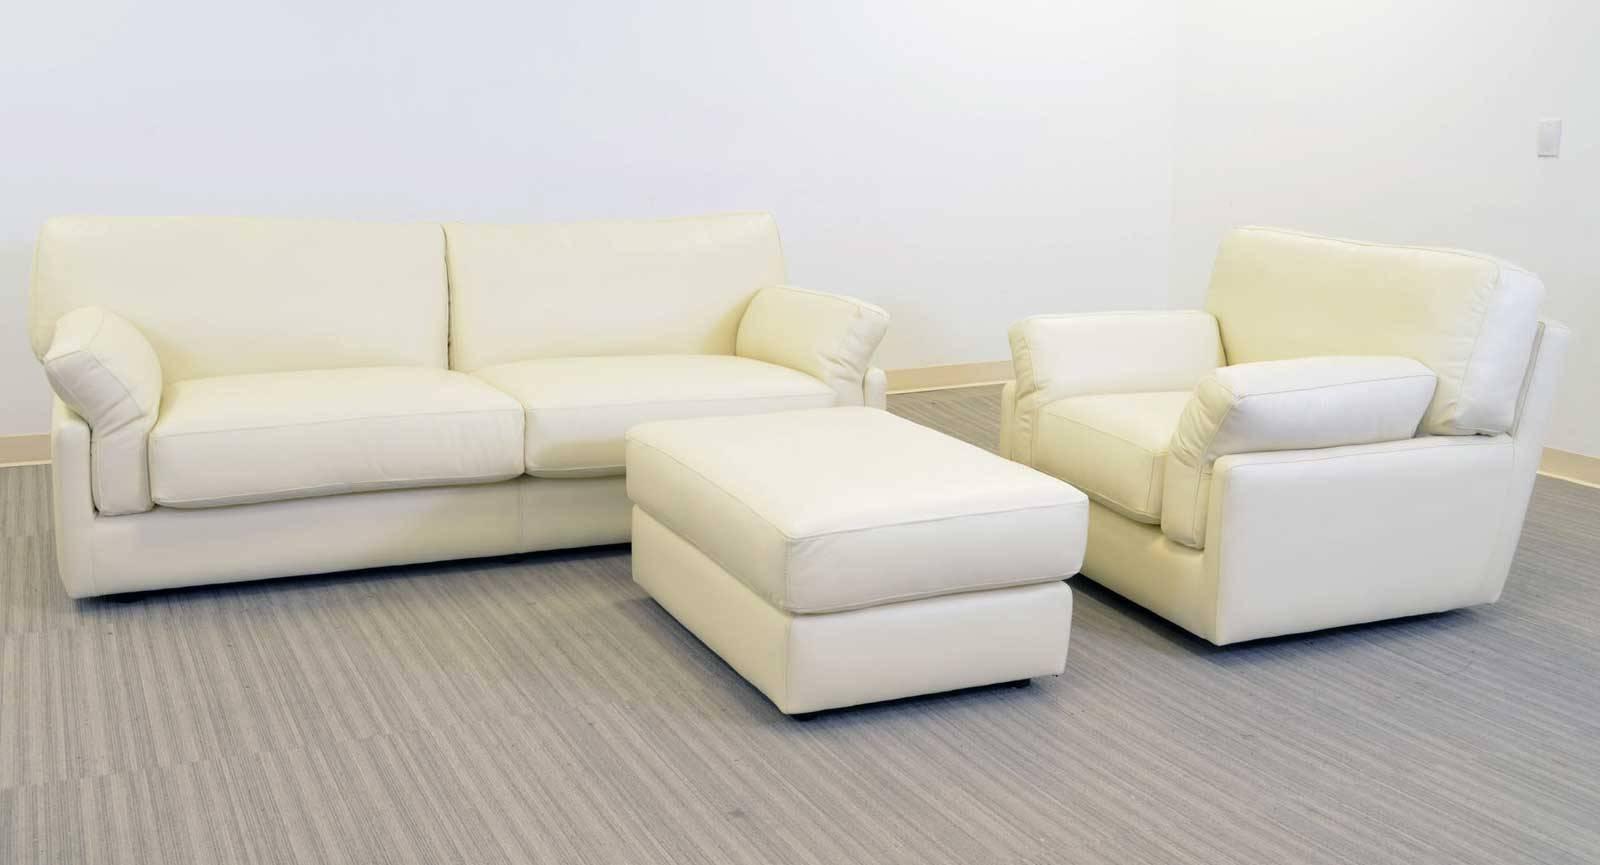 Sofa Chair And Ottoman – Thesofa for Sofa Chair And Ottoman (Image 9 of 15)